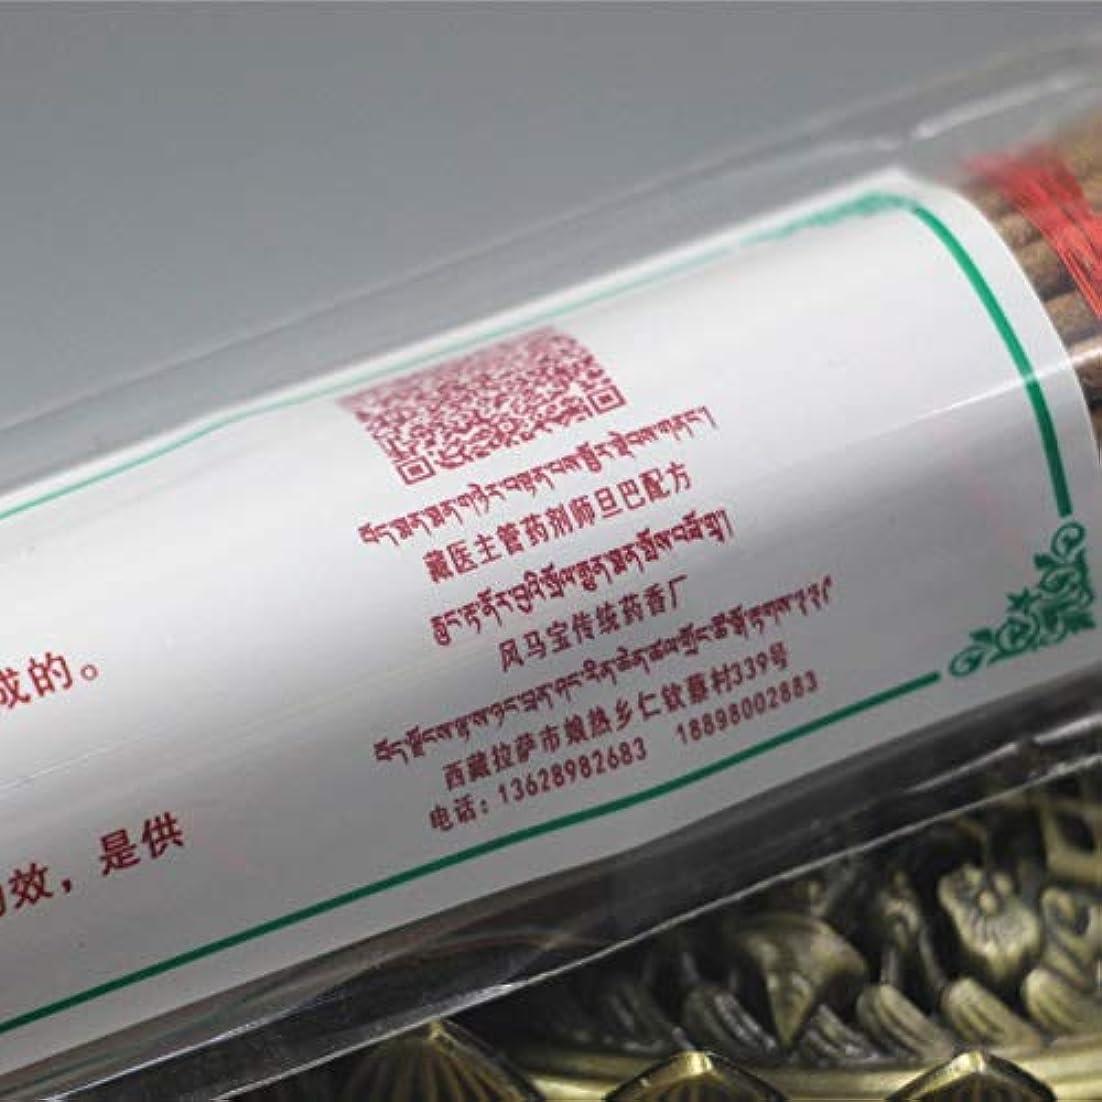 ゴールプライム統治するDiatems - 沈香の宝物チベットのお香チベット手作りの純粋な植物自然医学の香りの家の38人のフレーバーがスリープアロマ香の助けを落ち着かせます